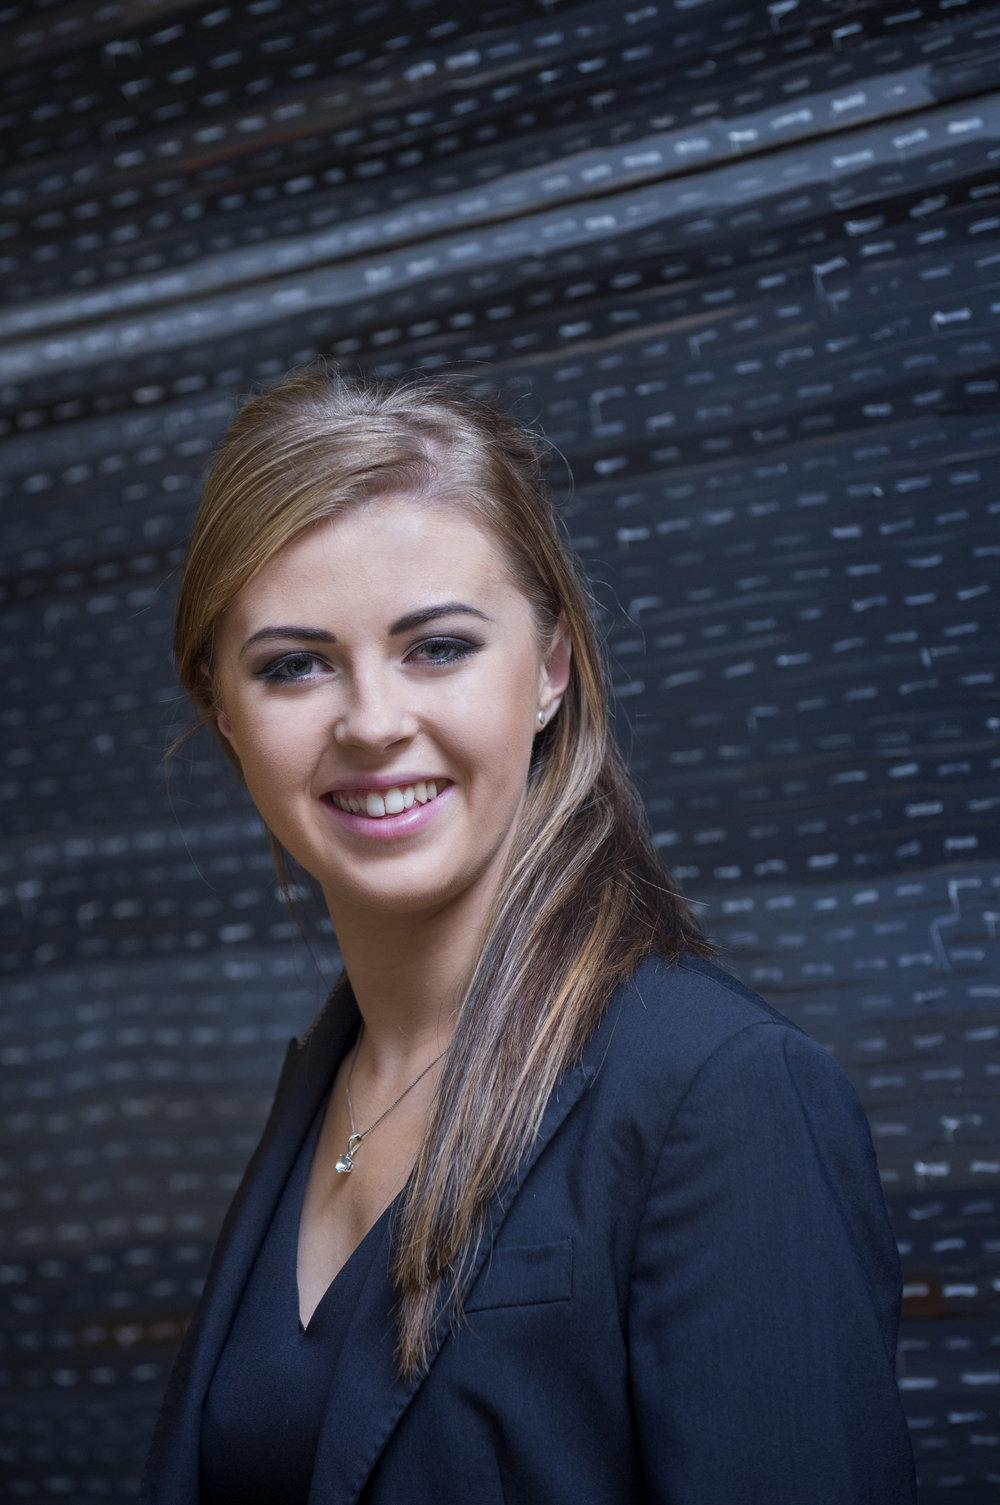 Fact File - Name:Megan ElseyJob:ReceptionistWorks:The River Lee Hotel, Cork